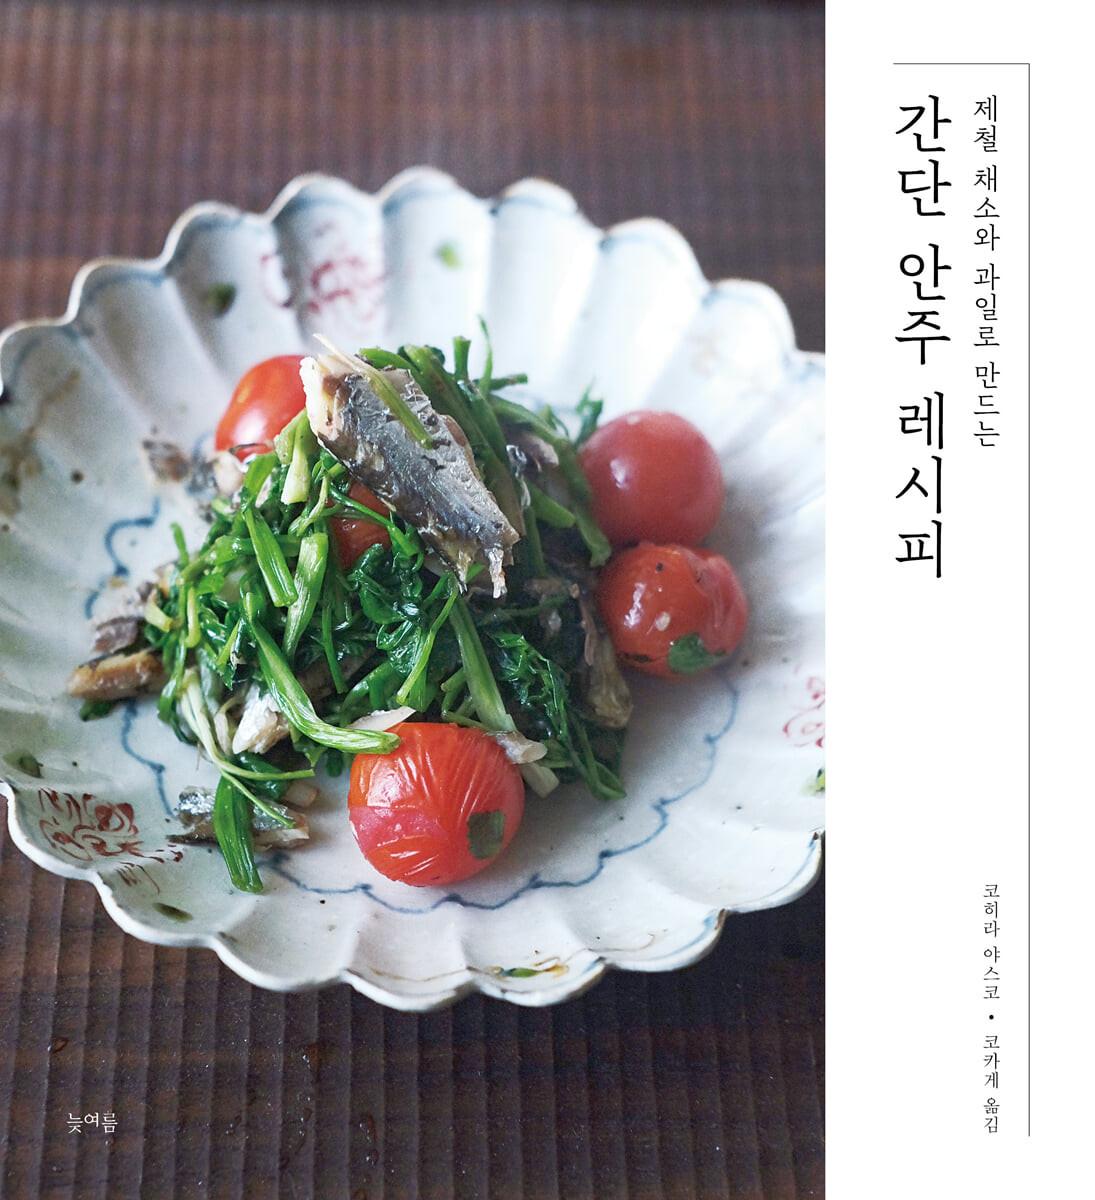 제철 채소와 과일로 만드는 간단 안주 레시피